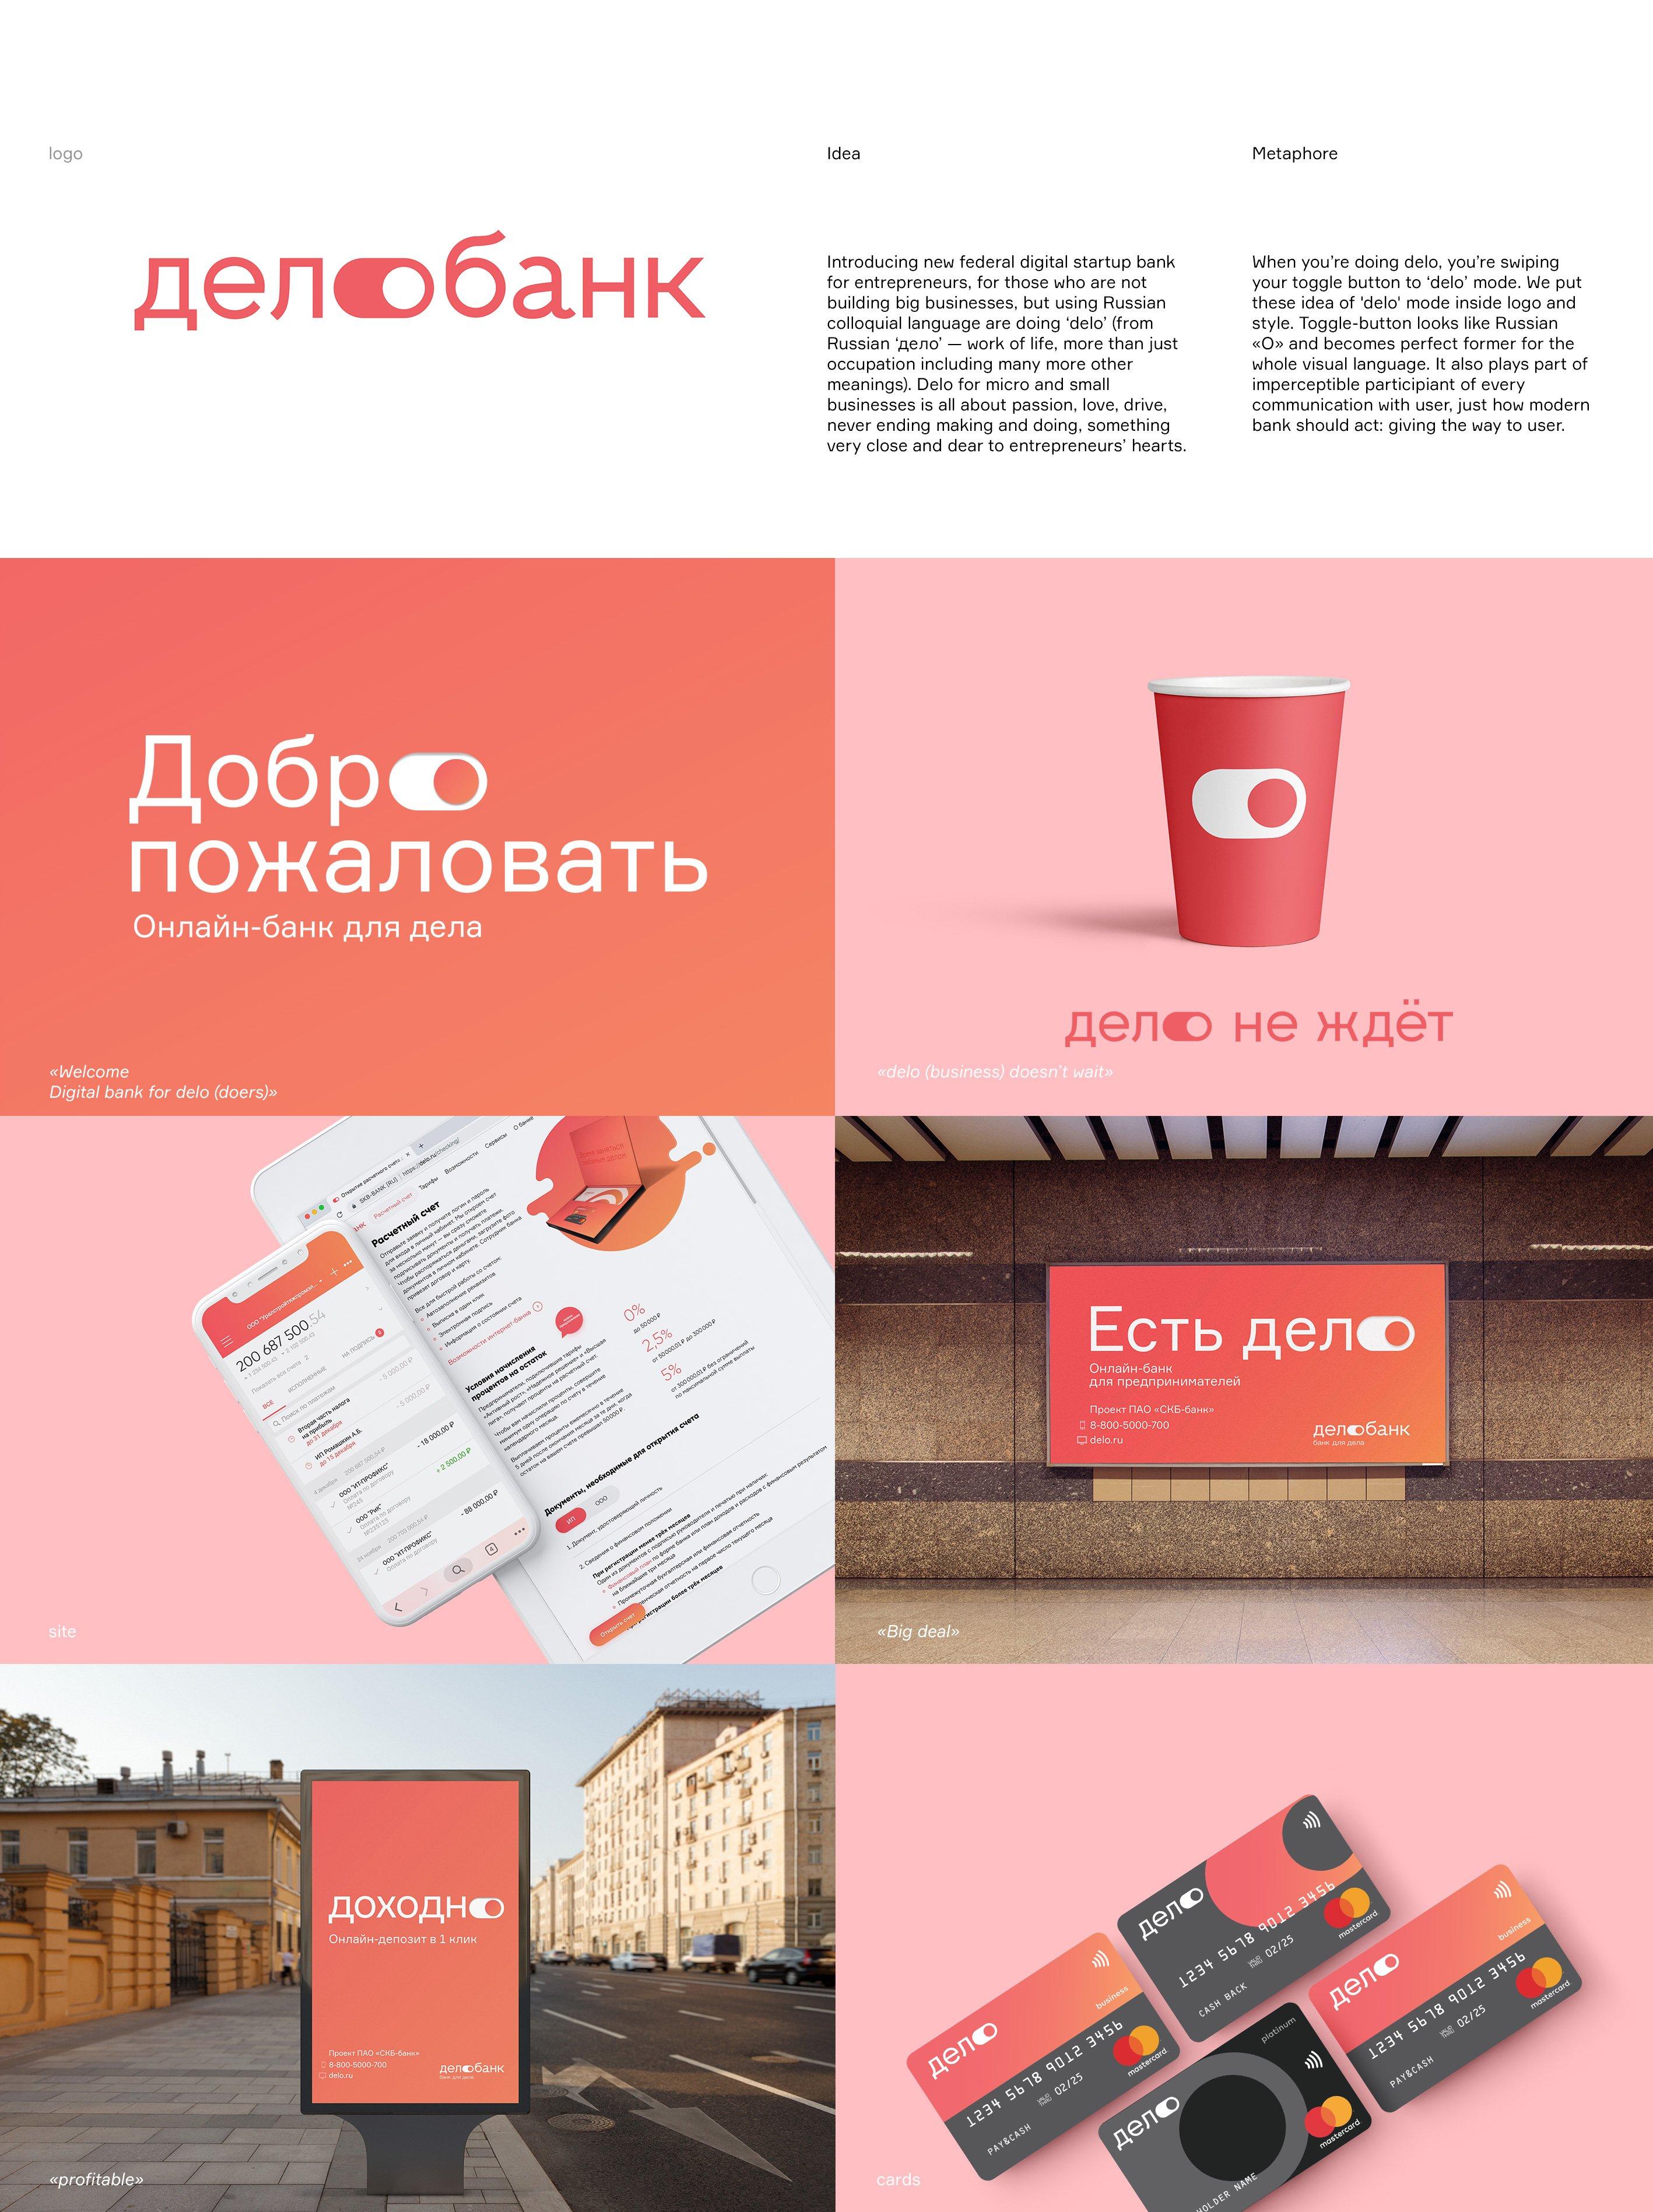 Создание позиционирования, названия и визуального стиля для нового онлайн-банка для предпринимателей «ДелоБанк